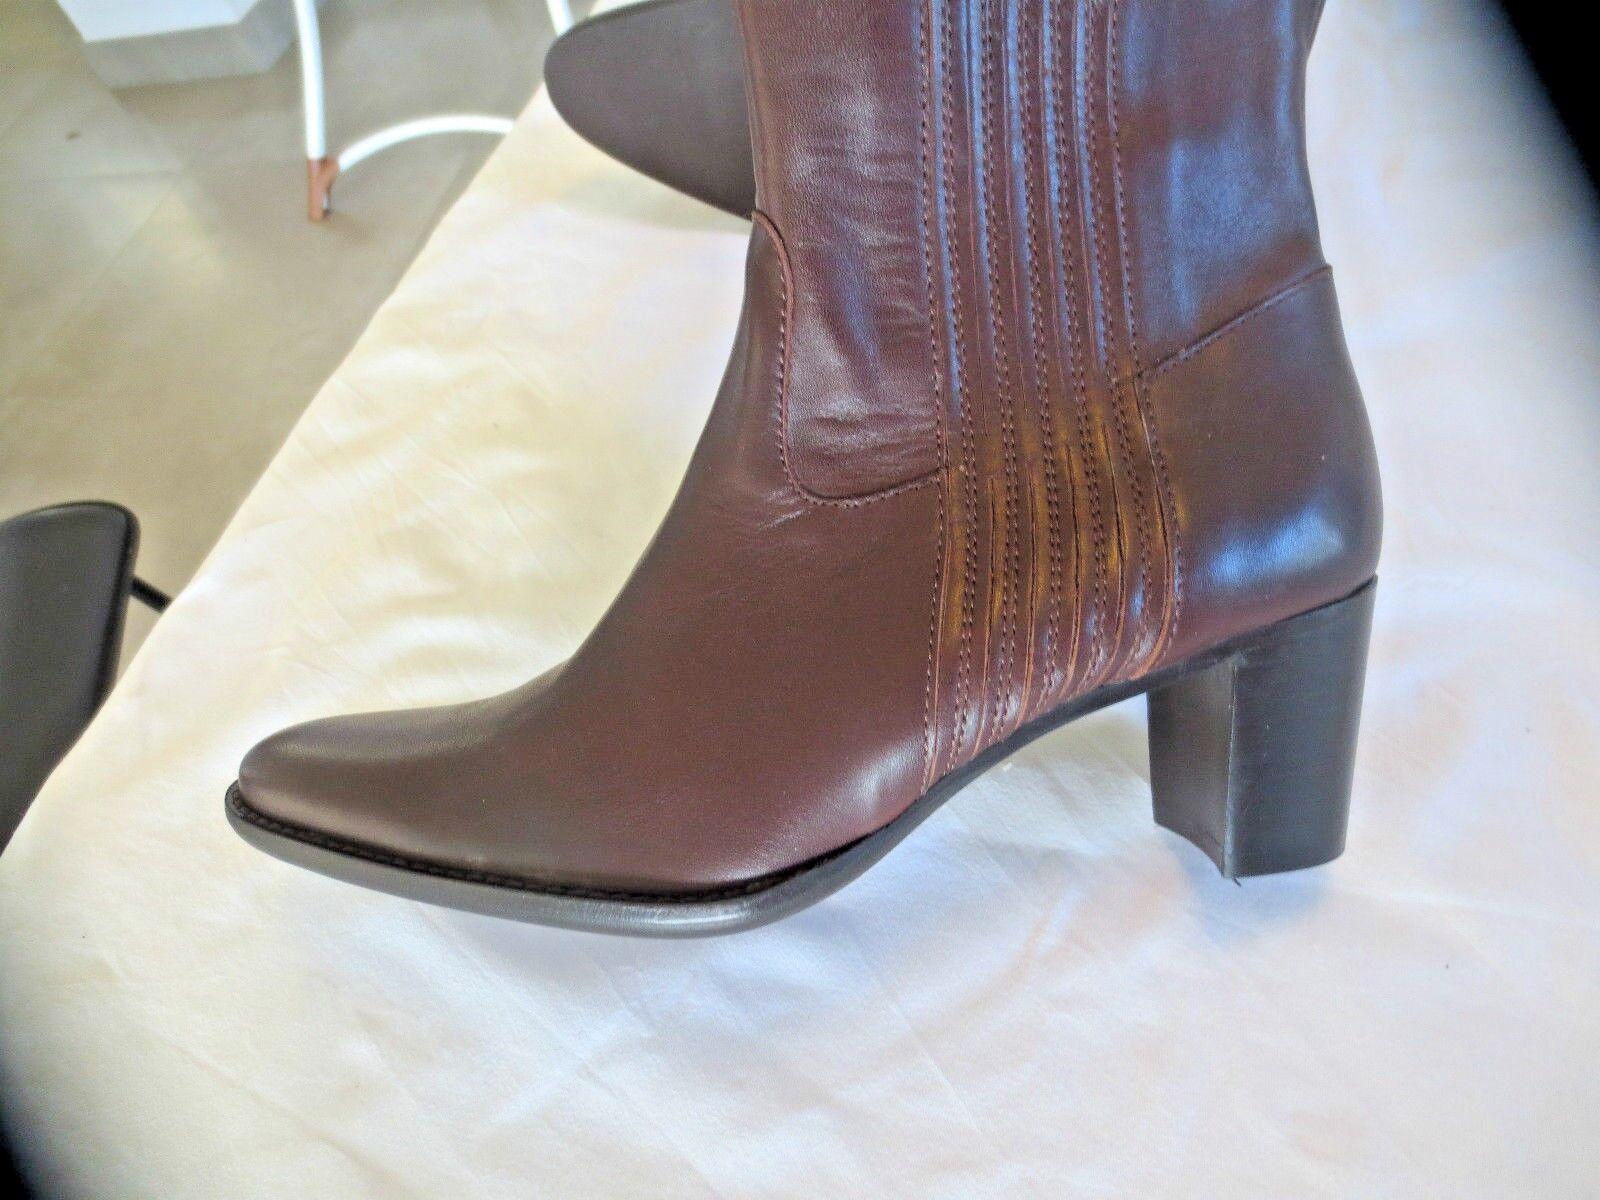 M M M par Stiefel Leder braun elastische+Verschluss Valeur179E Schuhgrößen 35,36,37 0c784d